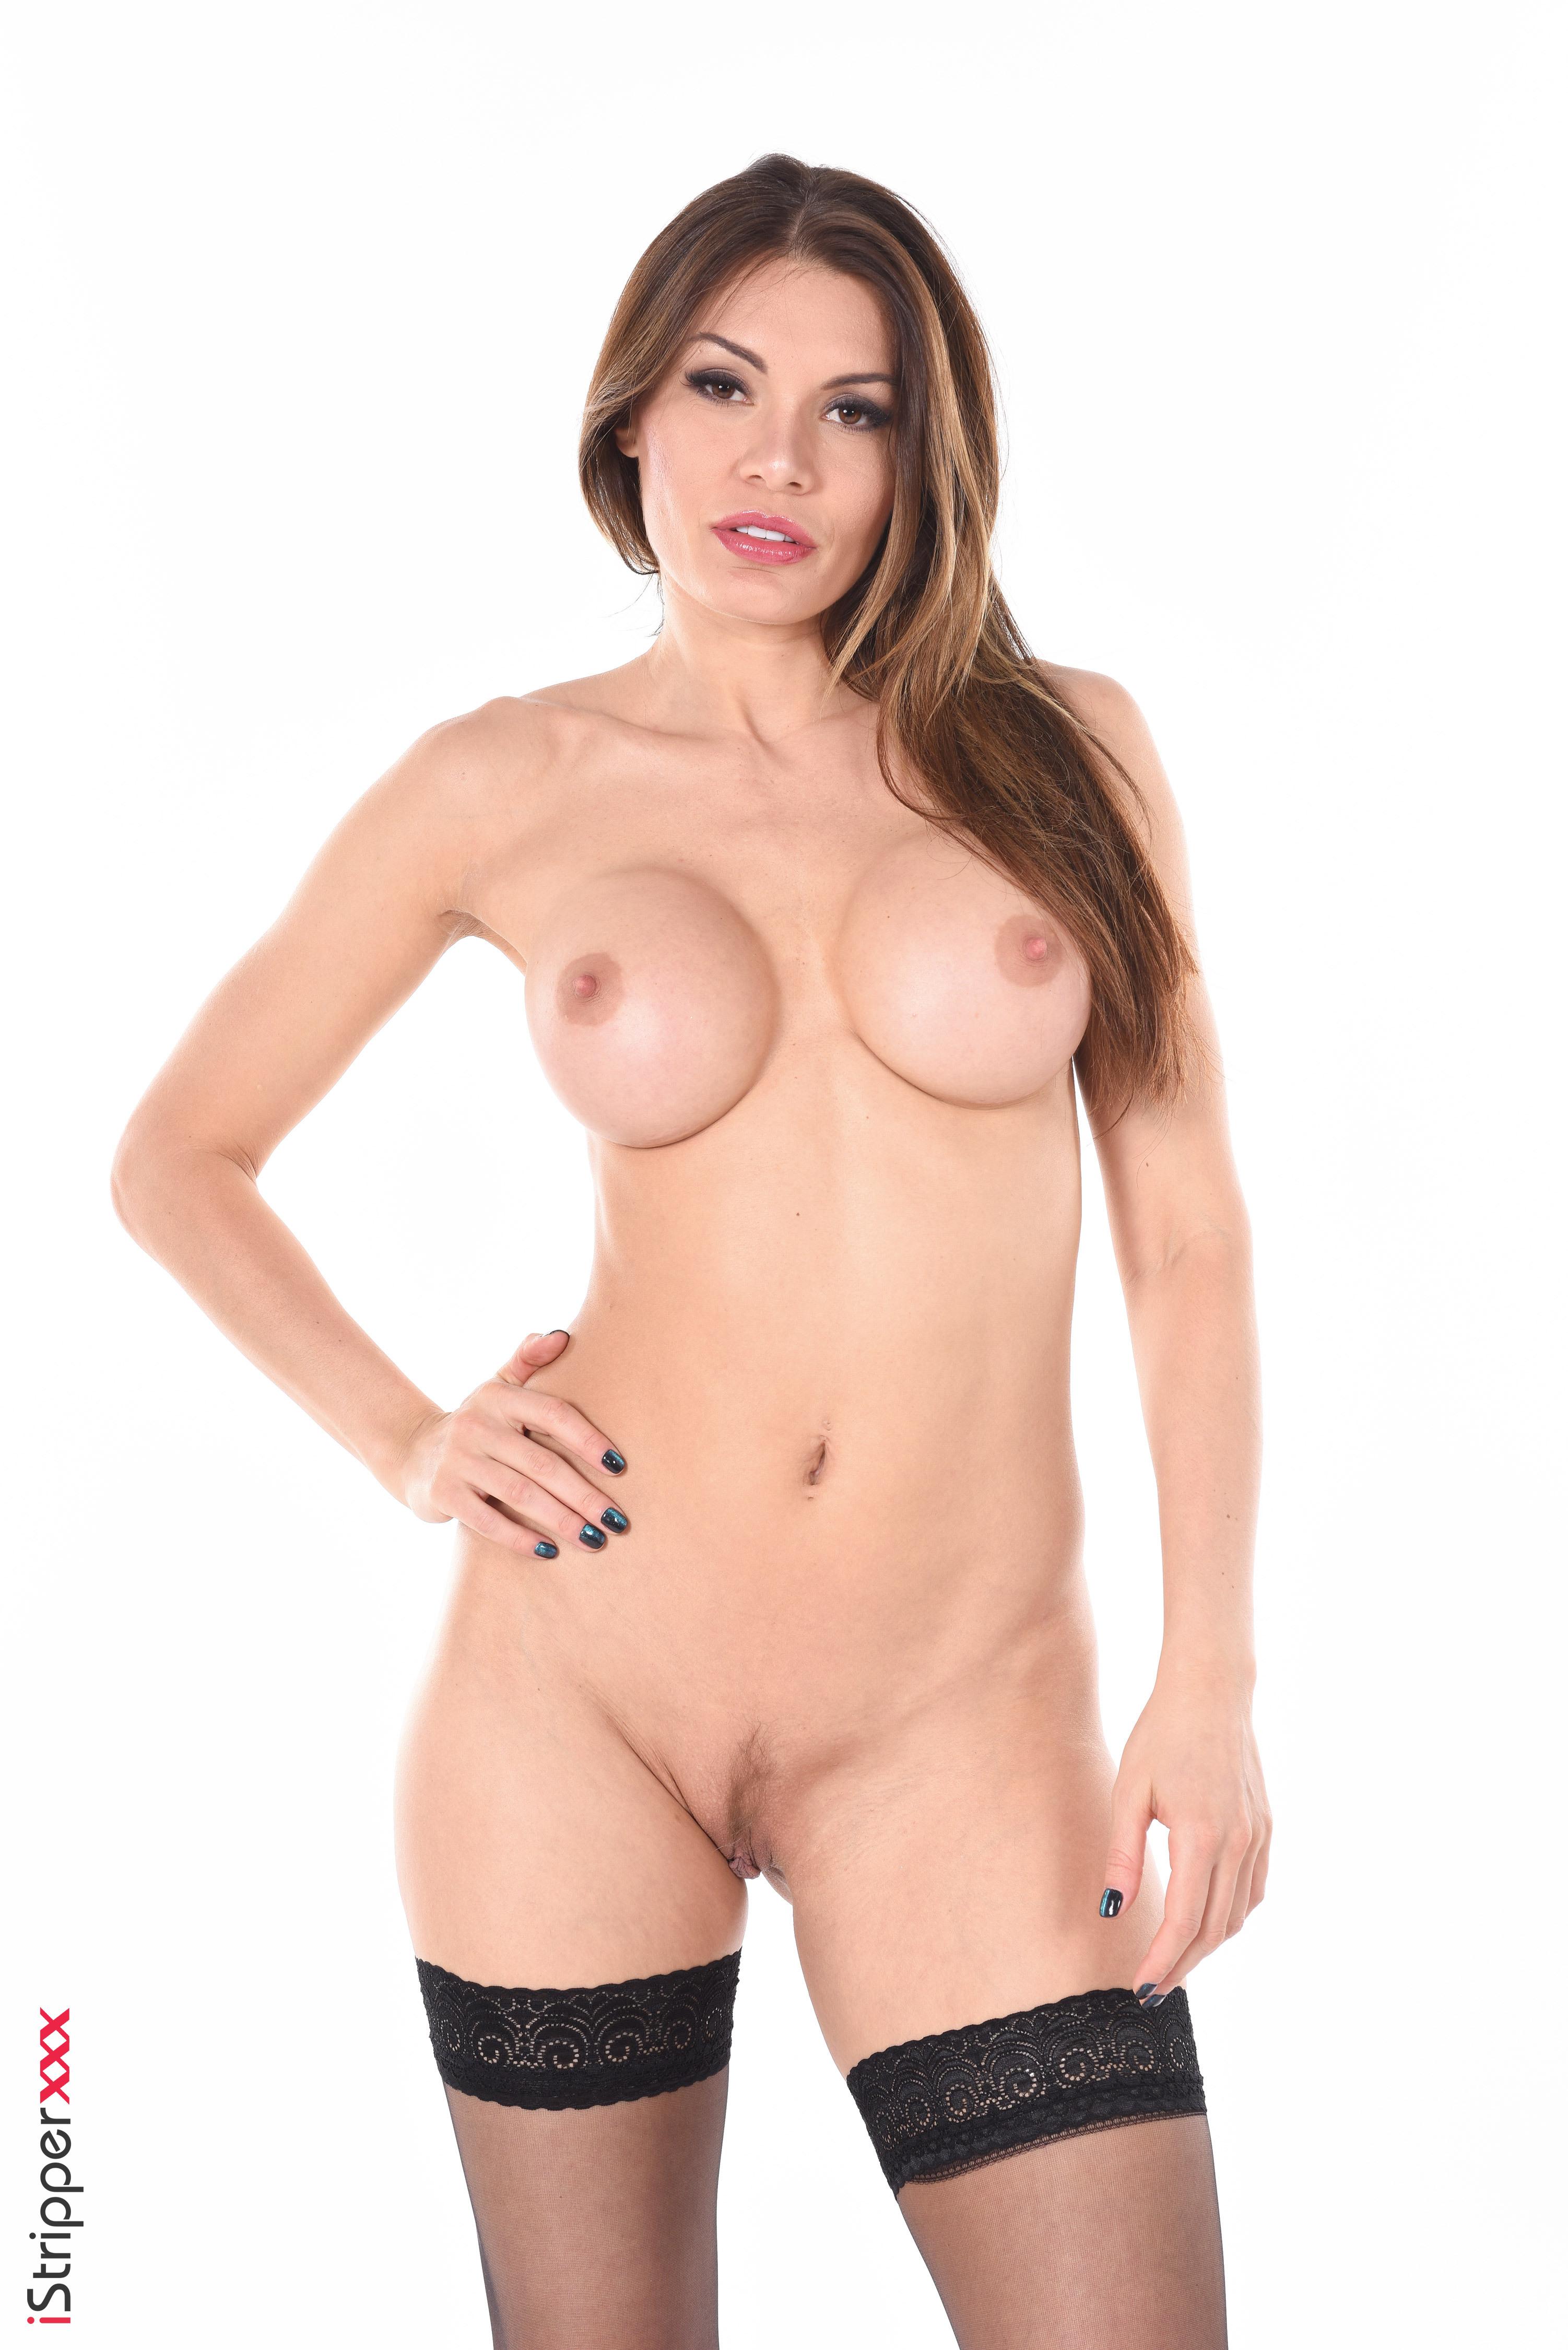 olivia wilde nude wallpapers